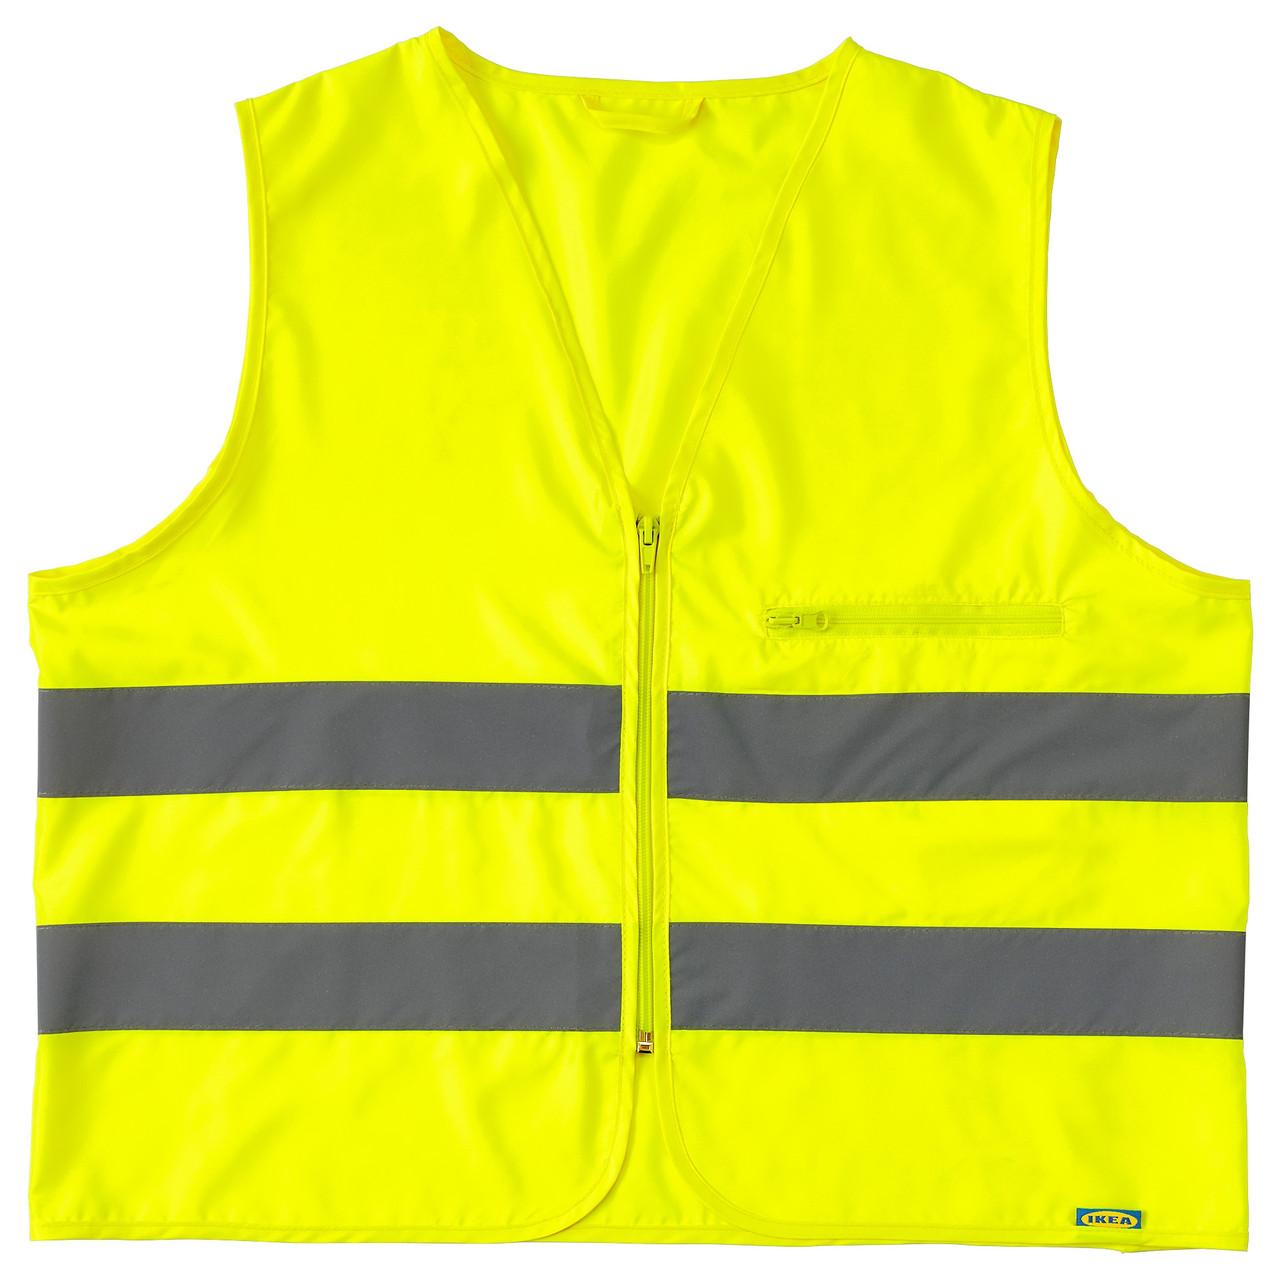 BESKYDDA Жилет светоотражающий, желтый M, желтый 603.157.71